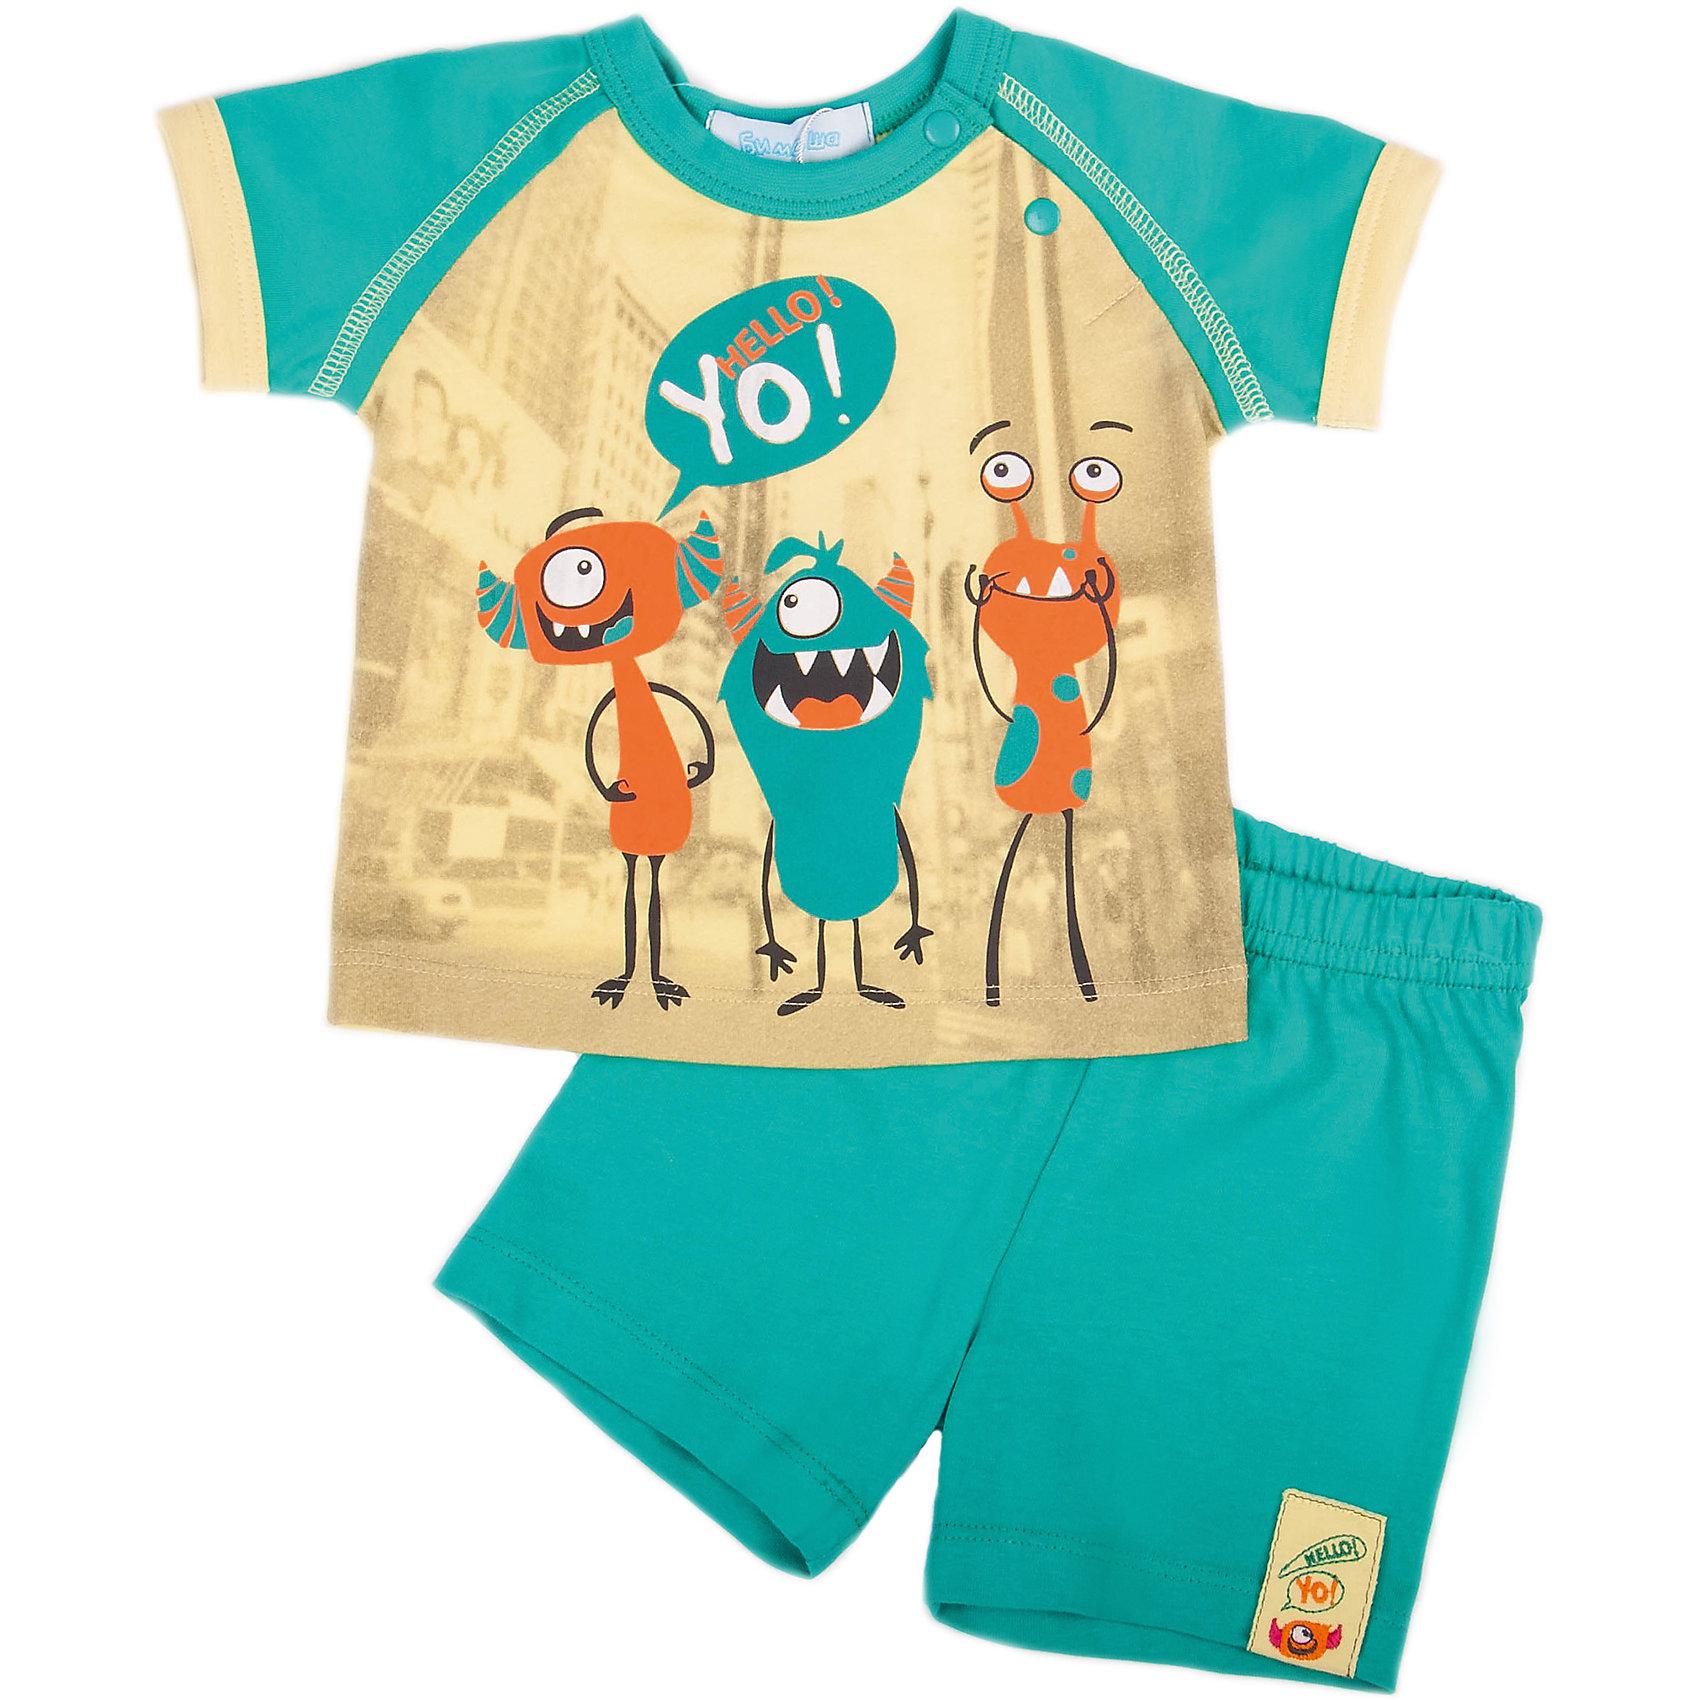 Комплект: футболка и шорты для мальчика БимошаКомплекты<br>Комплект: футболка и шорты для мальчика от марки Бимоша.<br>Джемпер украшен декоративной печатью.  Спинка джемпера и шорты однотонные.<br>Состав:<br>кулирная гладь 100%хлопок<br><br>Ширина мм: 199<br>Глубина мм: 10<br>Высота мм: 161<br>Вес г: 151<br>Цвет: зеленый<br>Возраст от месяцев: 3<br>Возраст до месяцев: 6<br>Пол: Мужской<br>Возраст: Детский<br>Размер: 68,62,80,92,86,74<br>SKU: 4578508